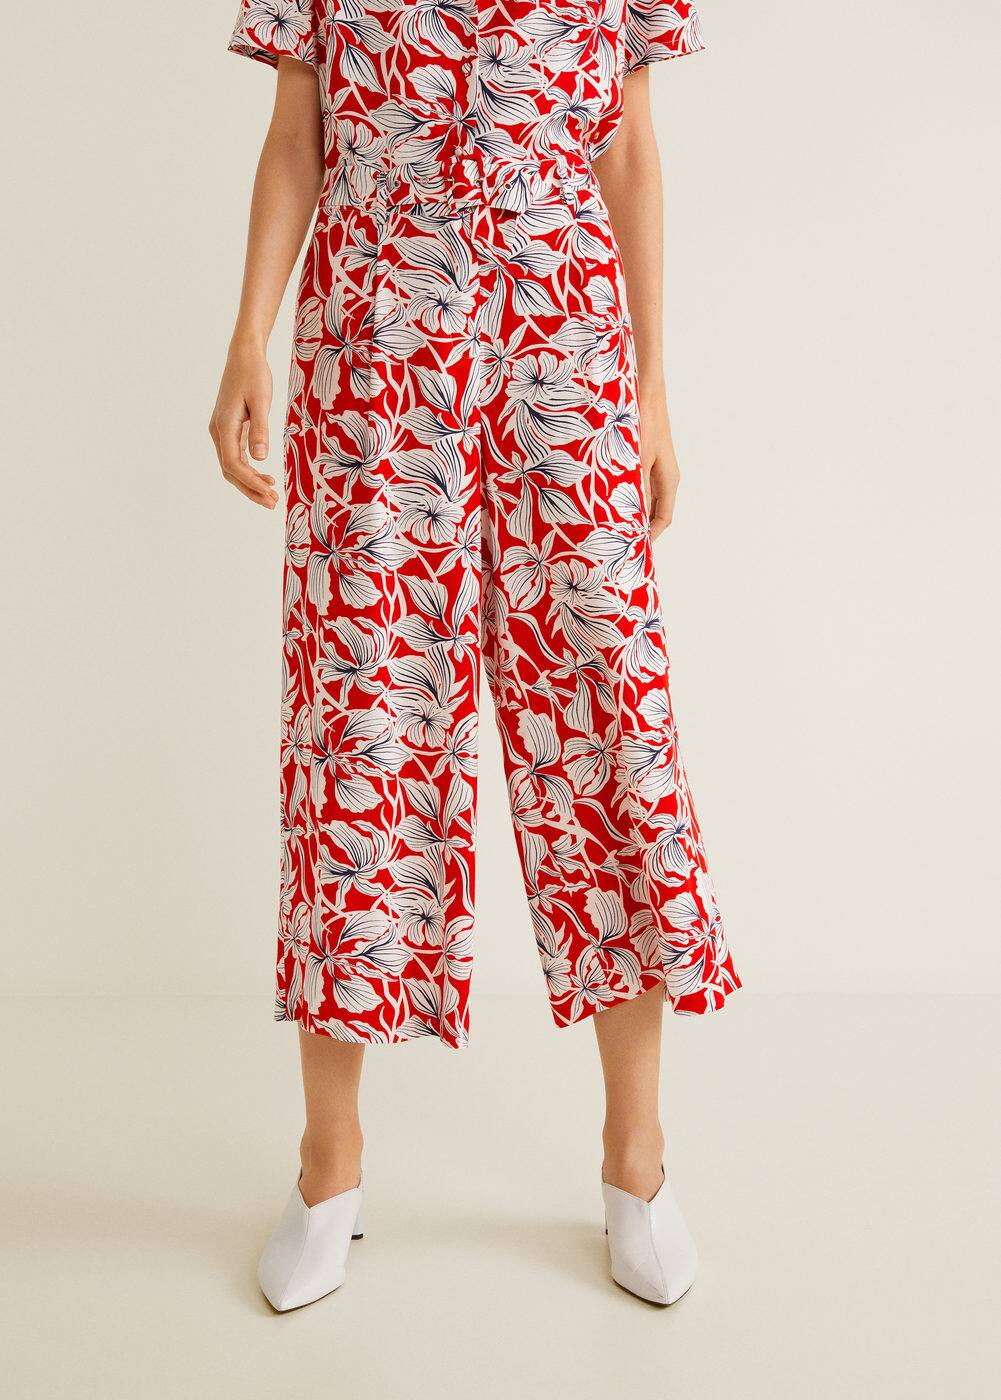 Spodnie Wzór W Kwiaty by Mango